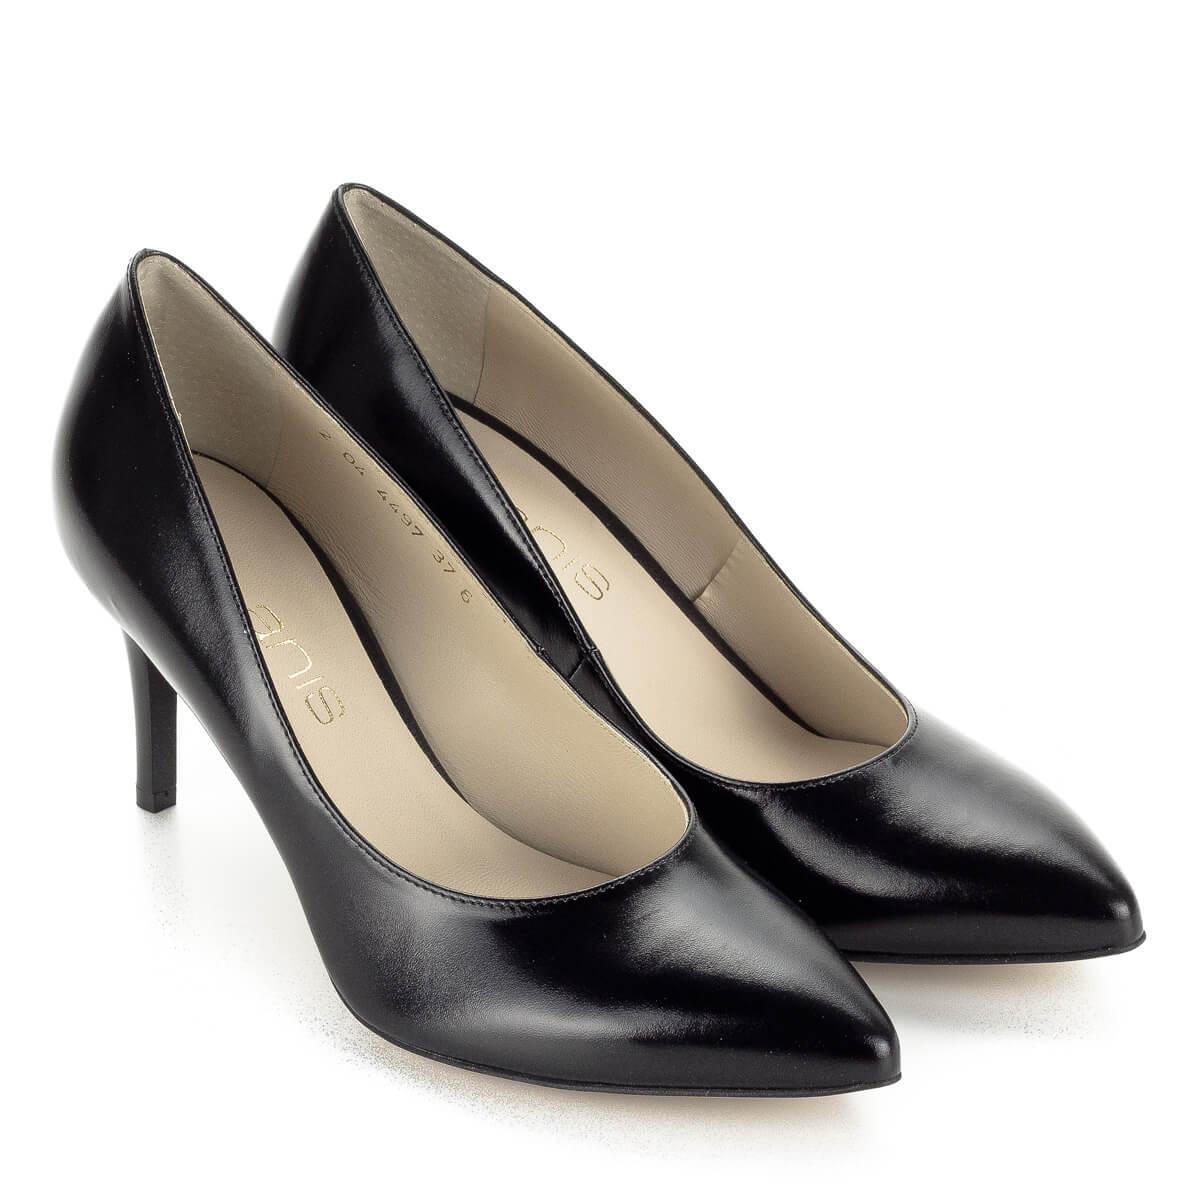 Anis alkalmi cipő fekete színben edd553c260